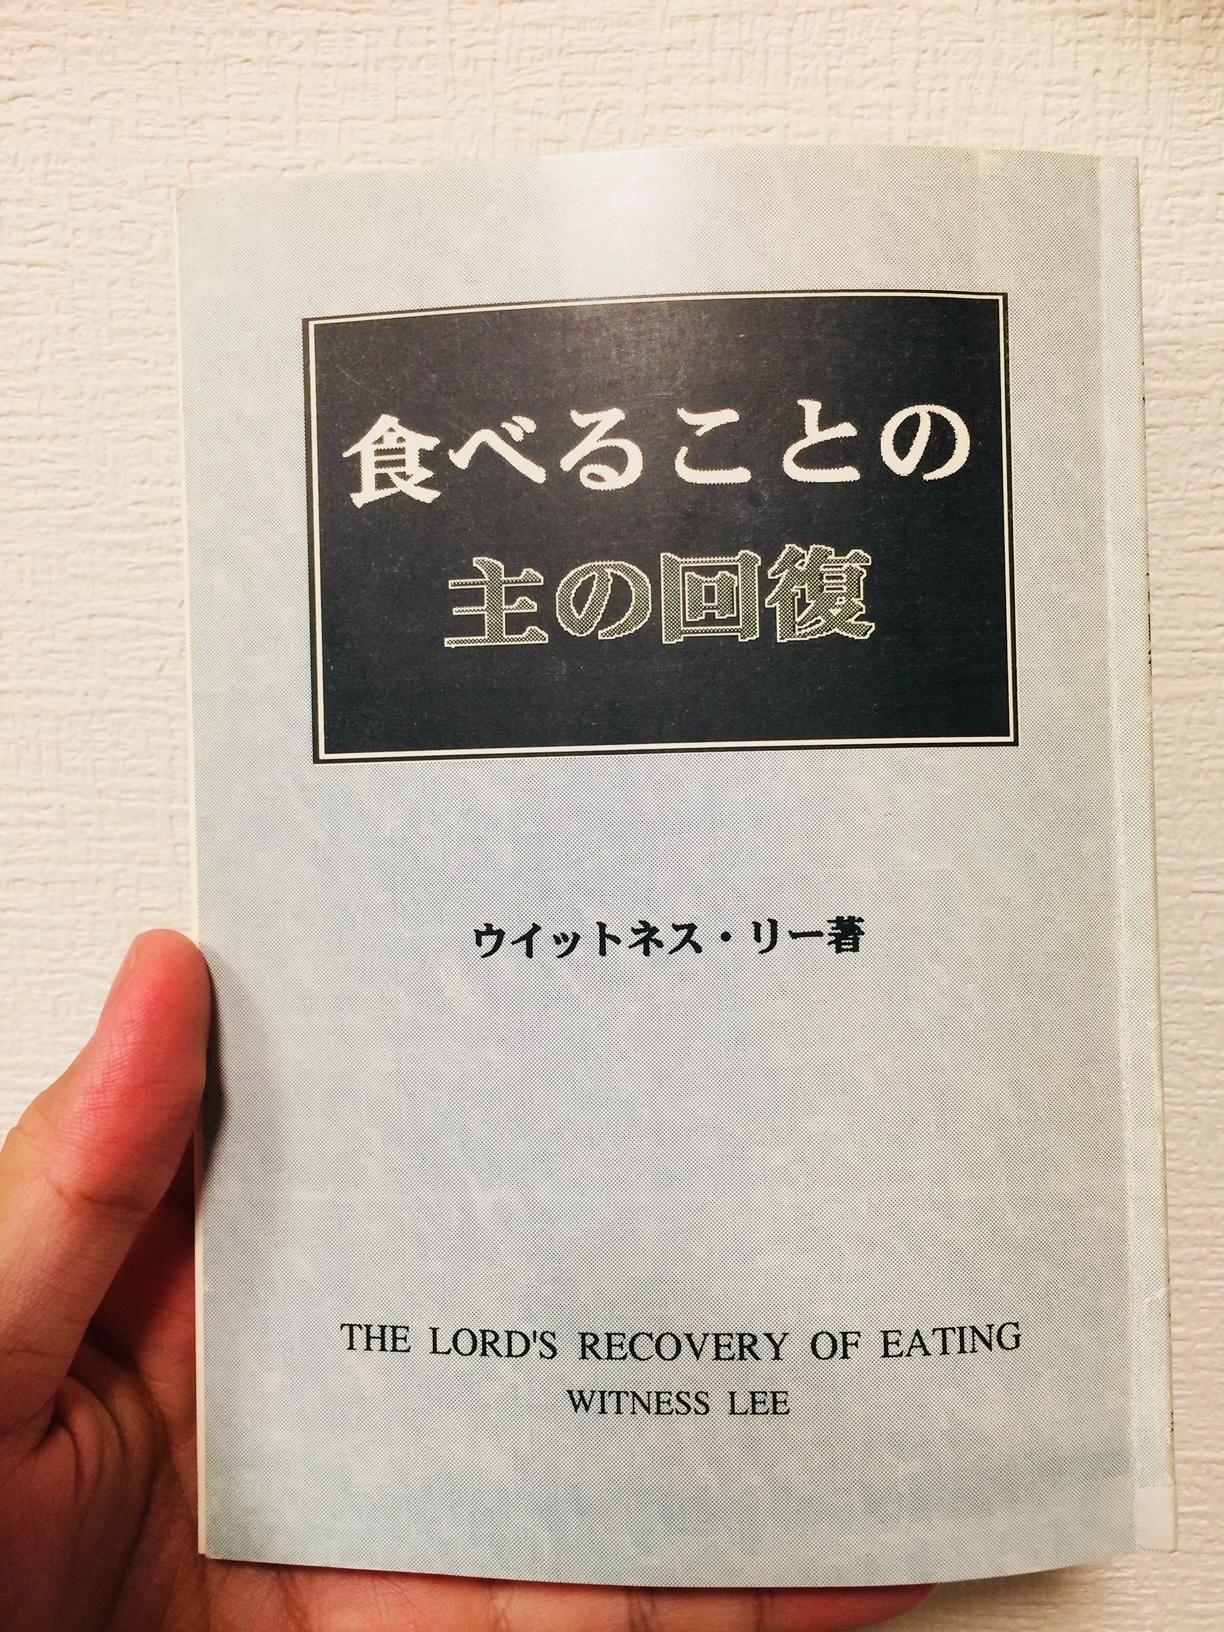 【読物】食べることと主の回復